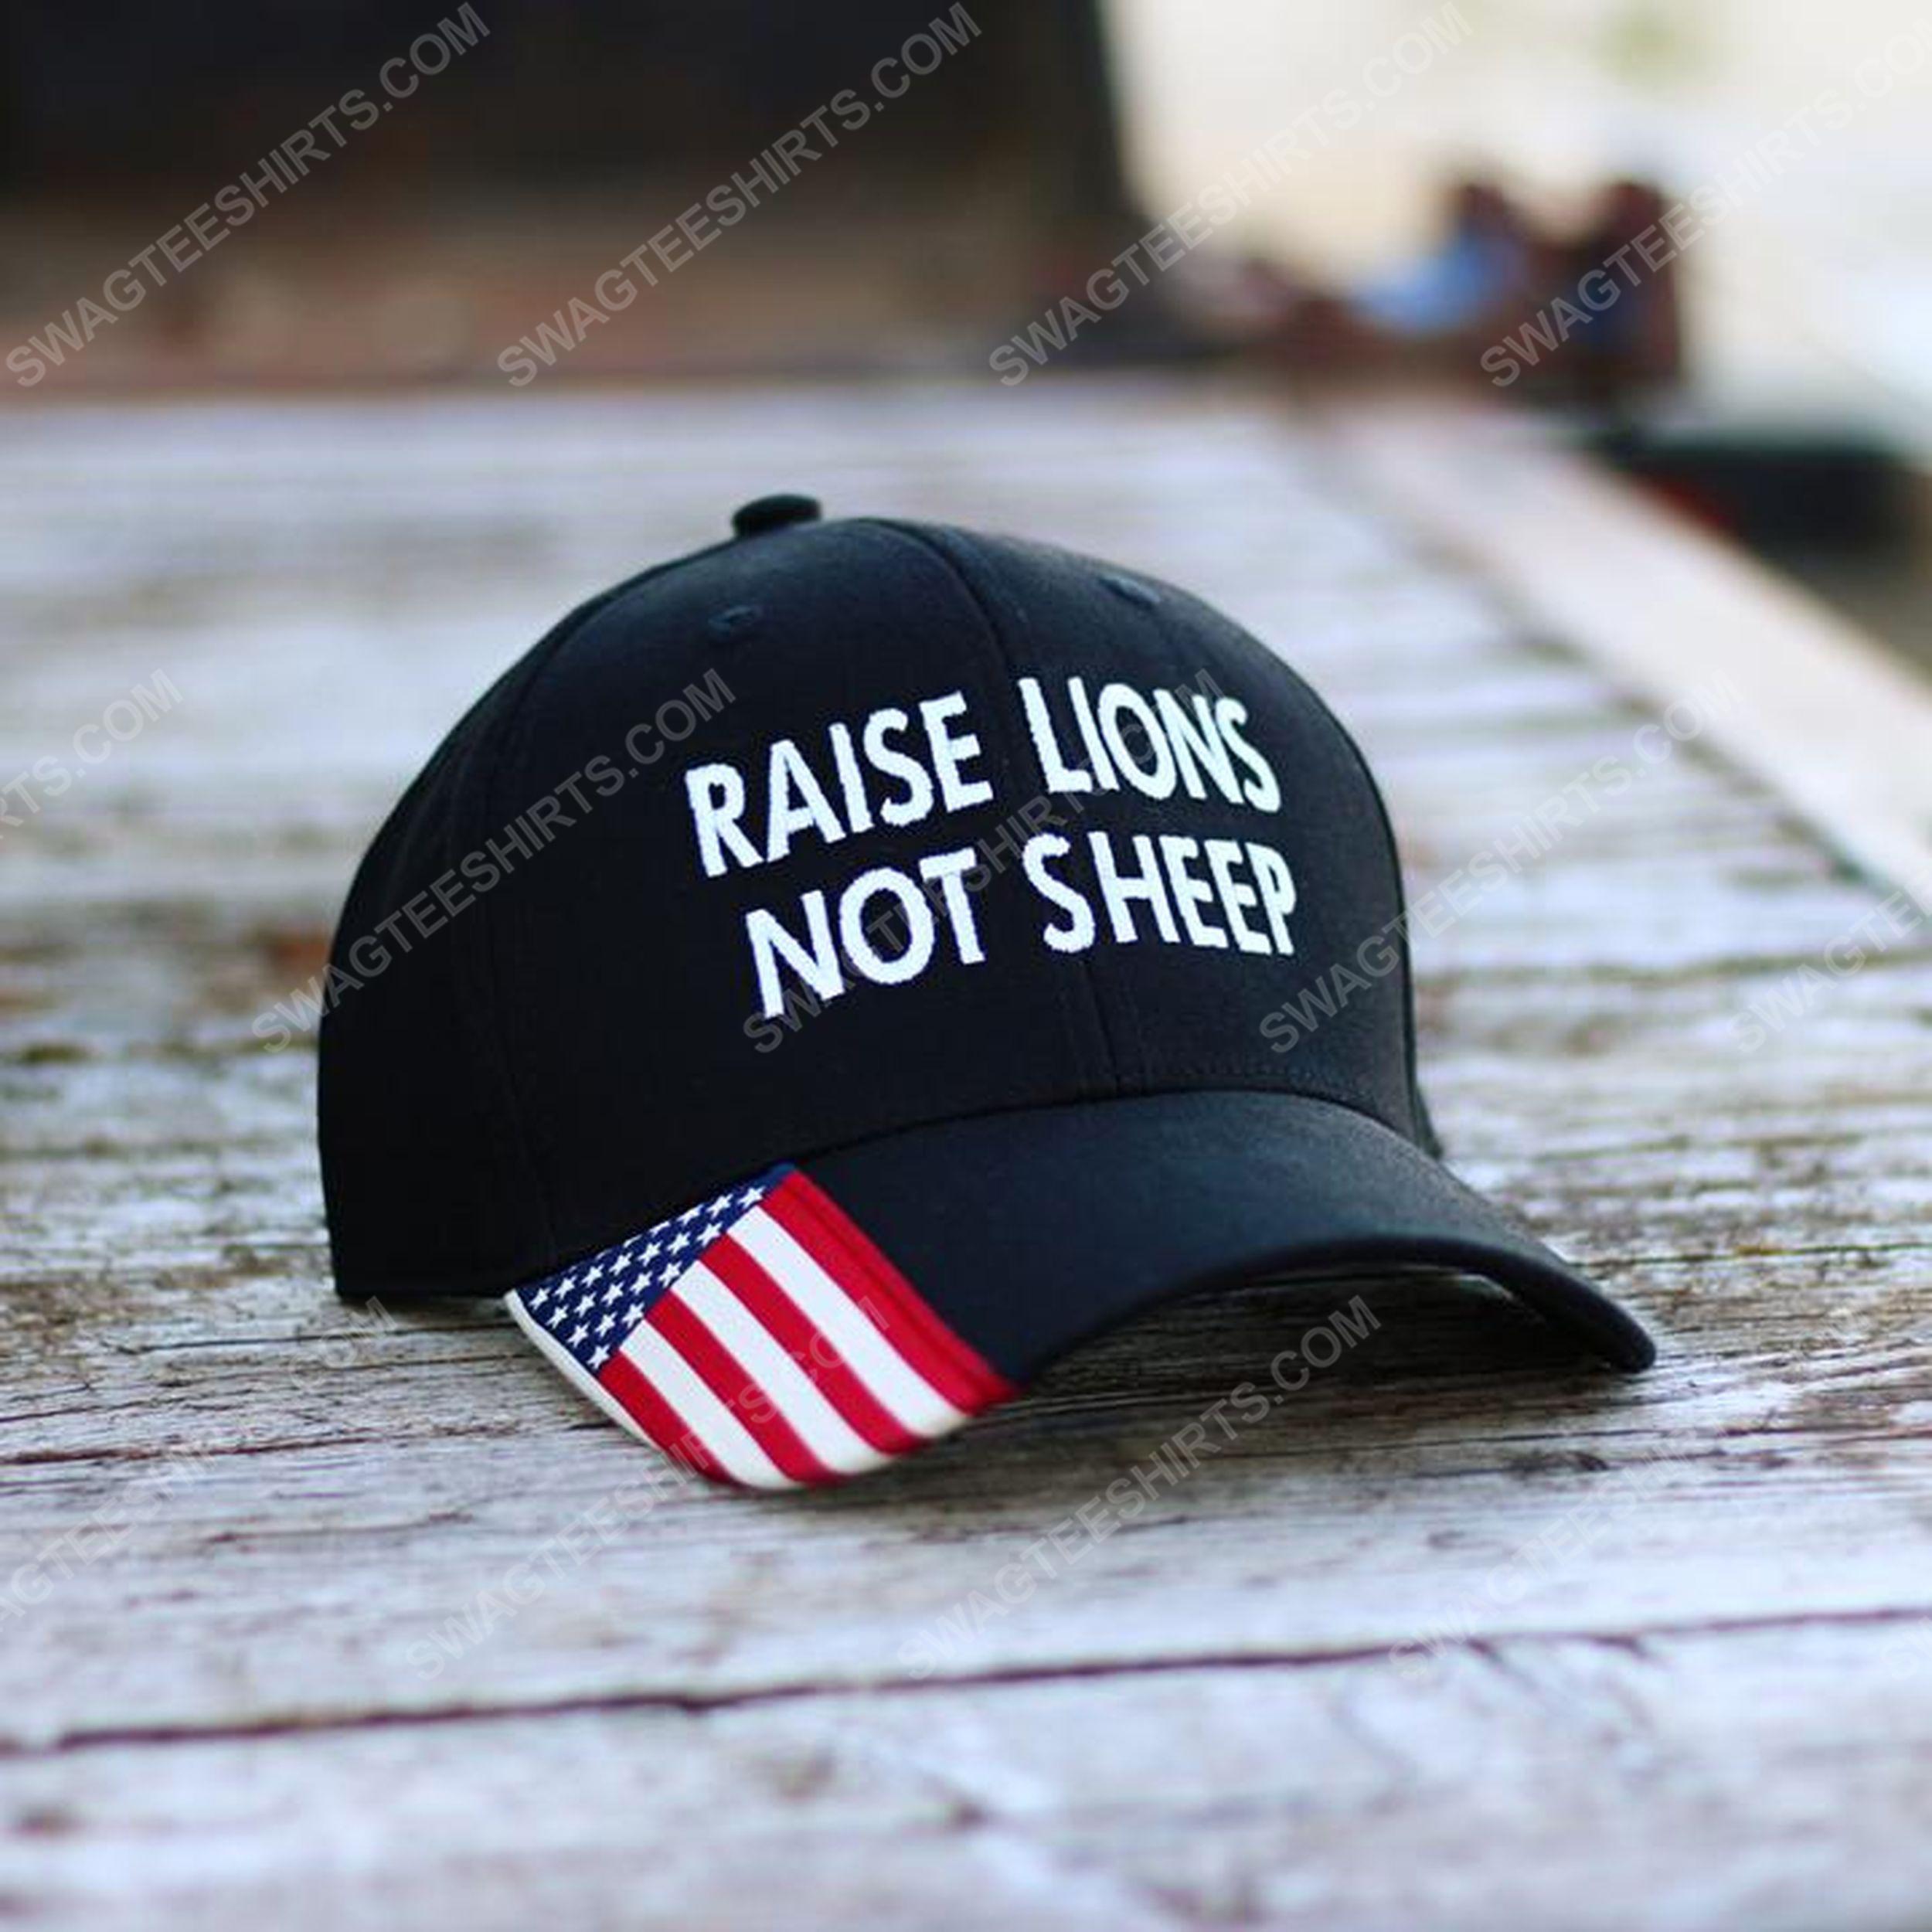 Raise lions not sheep full print classic hat 1 - Copy (2)